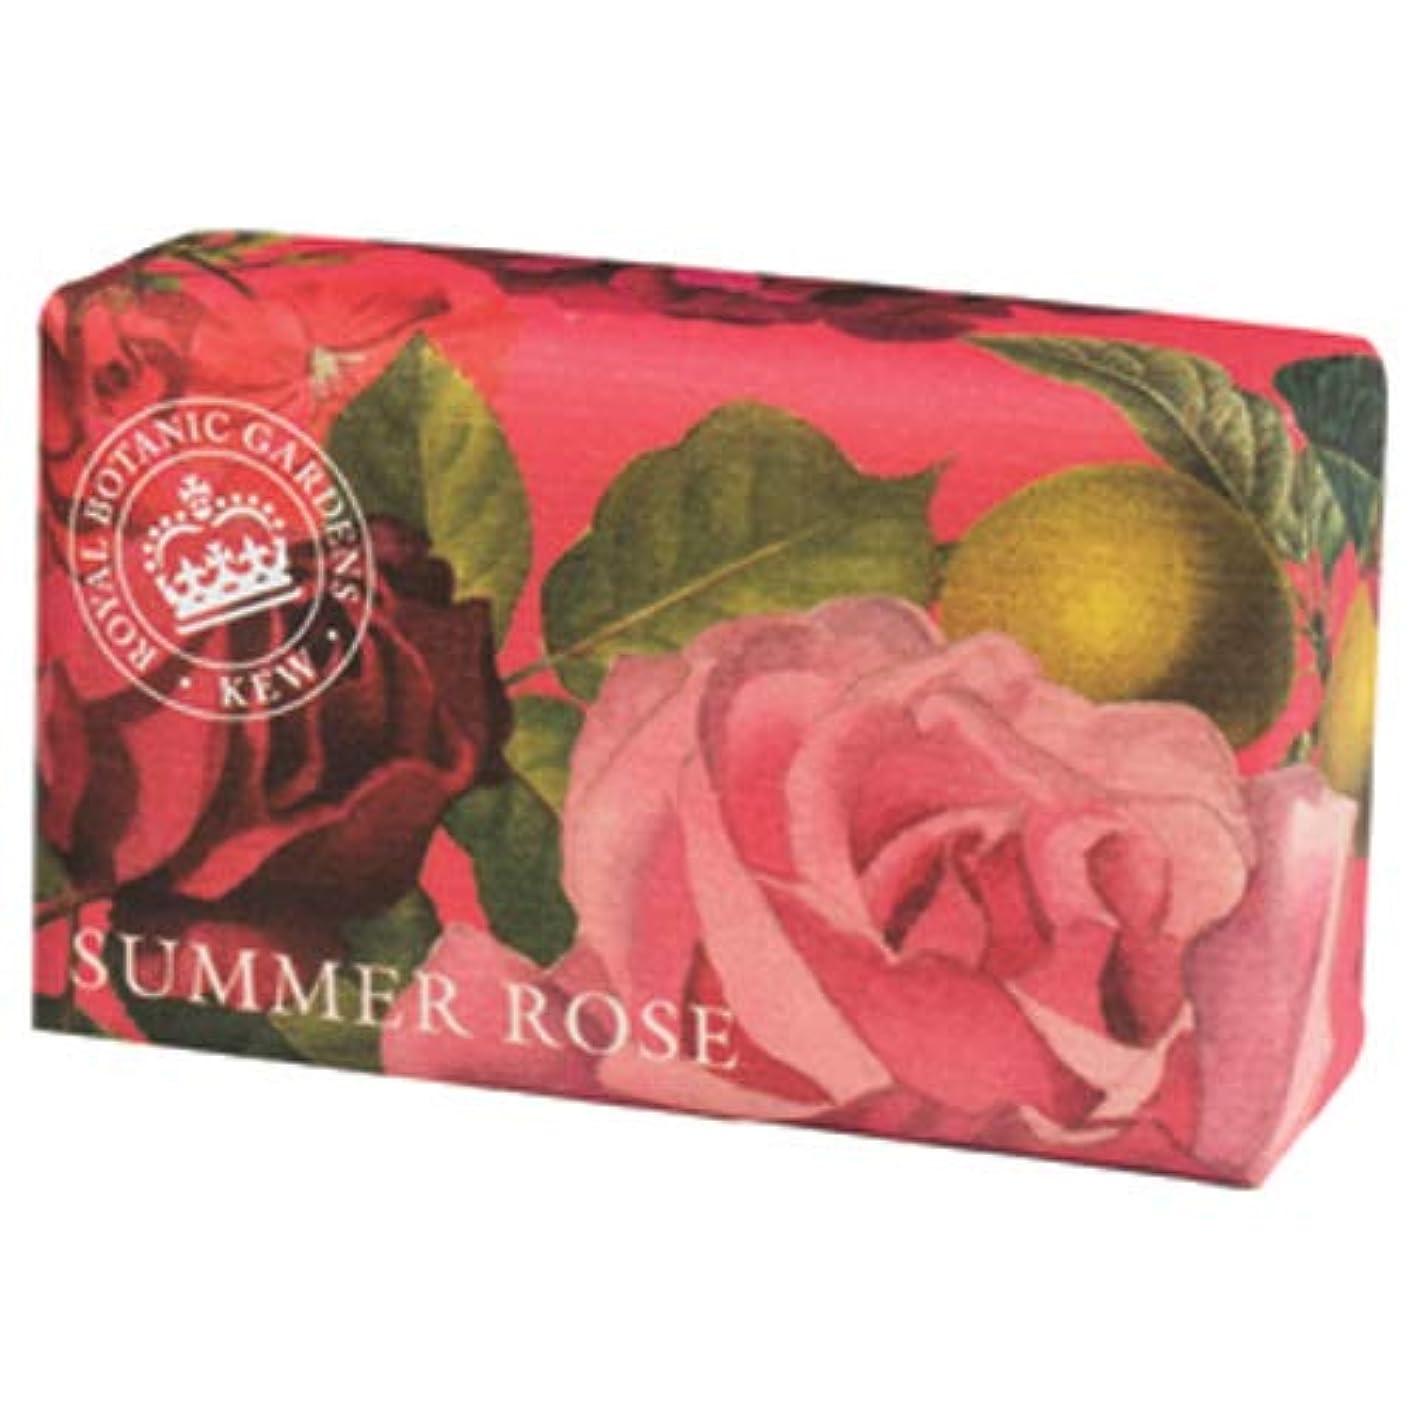 日記戦う波English Soap Company イングリッシュソープカンパニー KEW GARDEN キュー?ガーデン Luxury Shea Soaps シアソープ Summer Rose サマーローズ